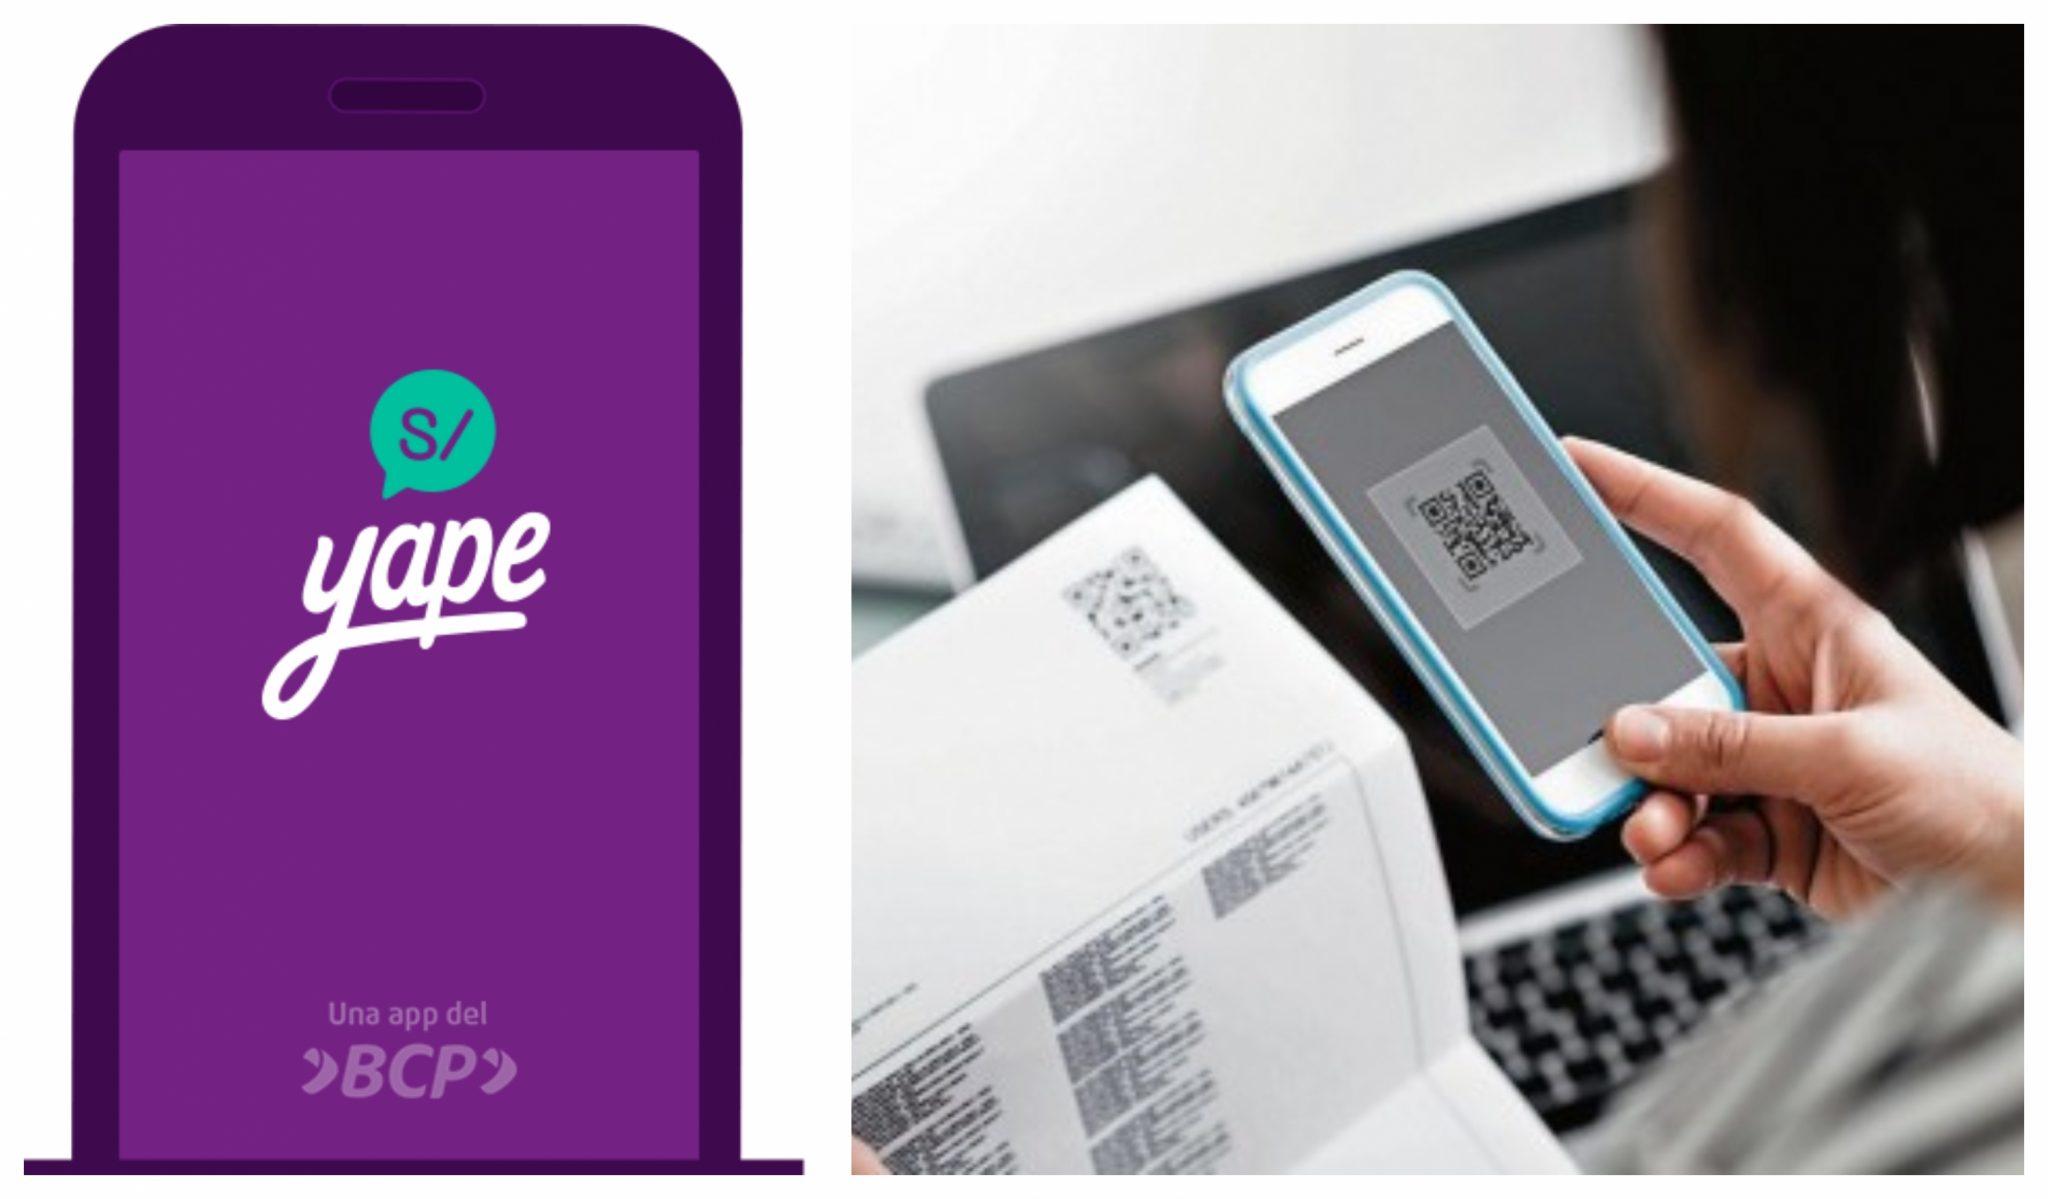 Yape: Usa la app sin tener cuenta en el BCP